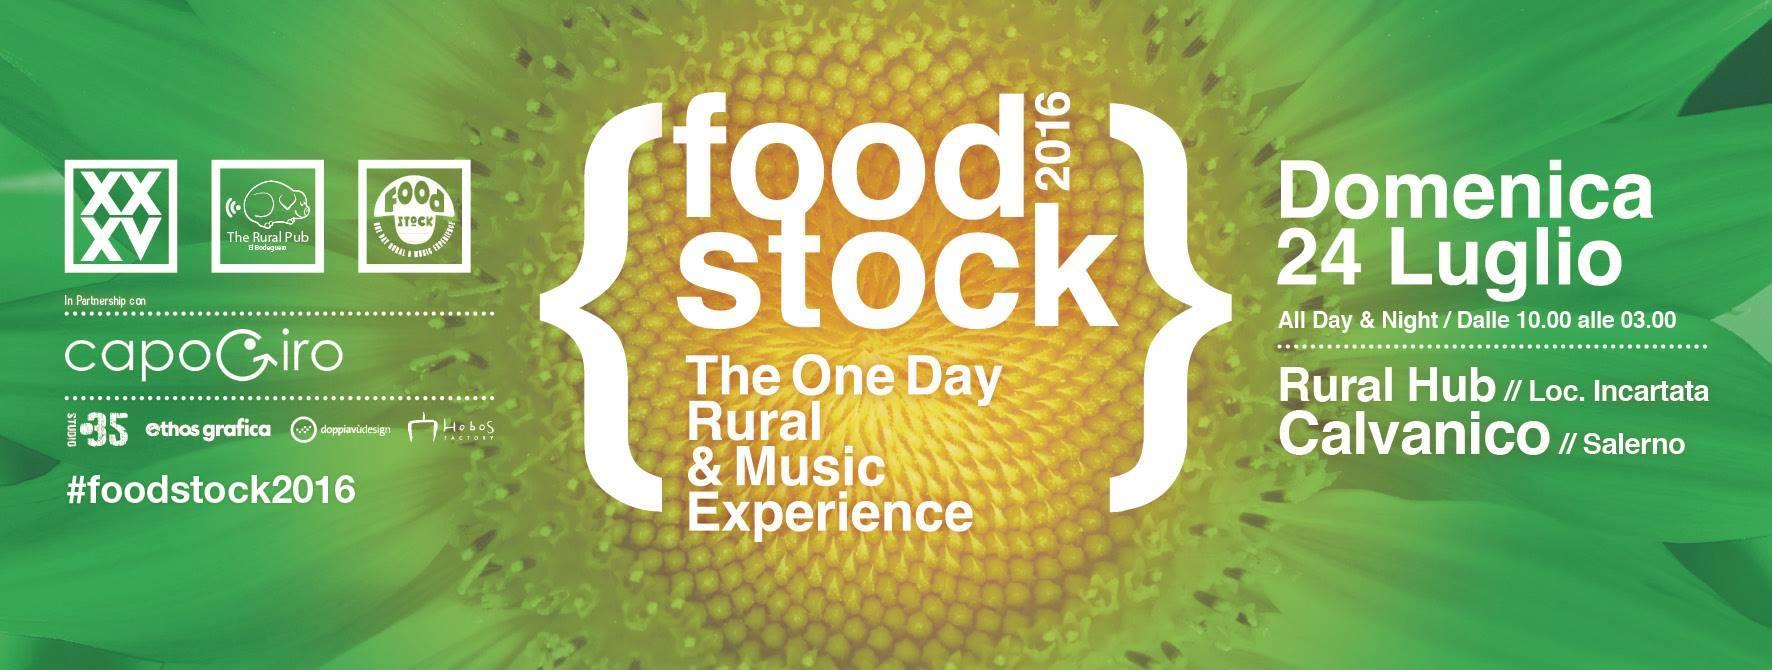 Foodstock-2016-ziguline